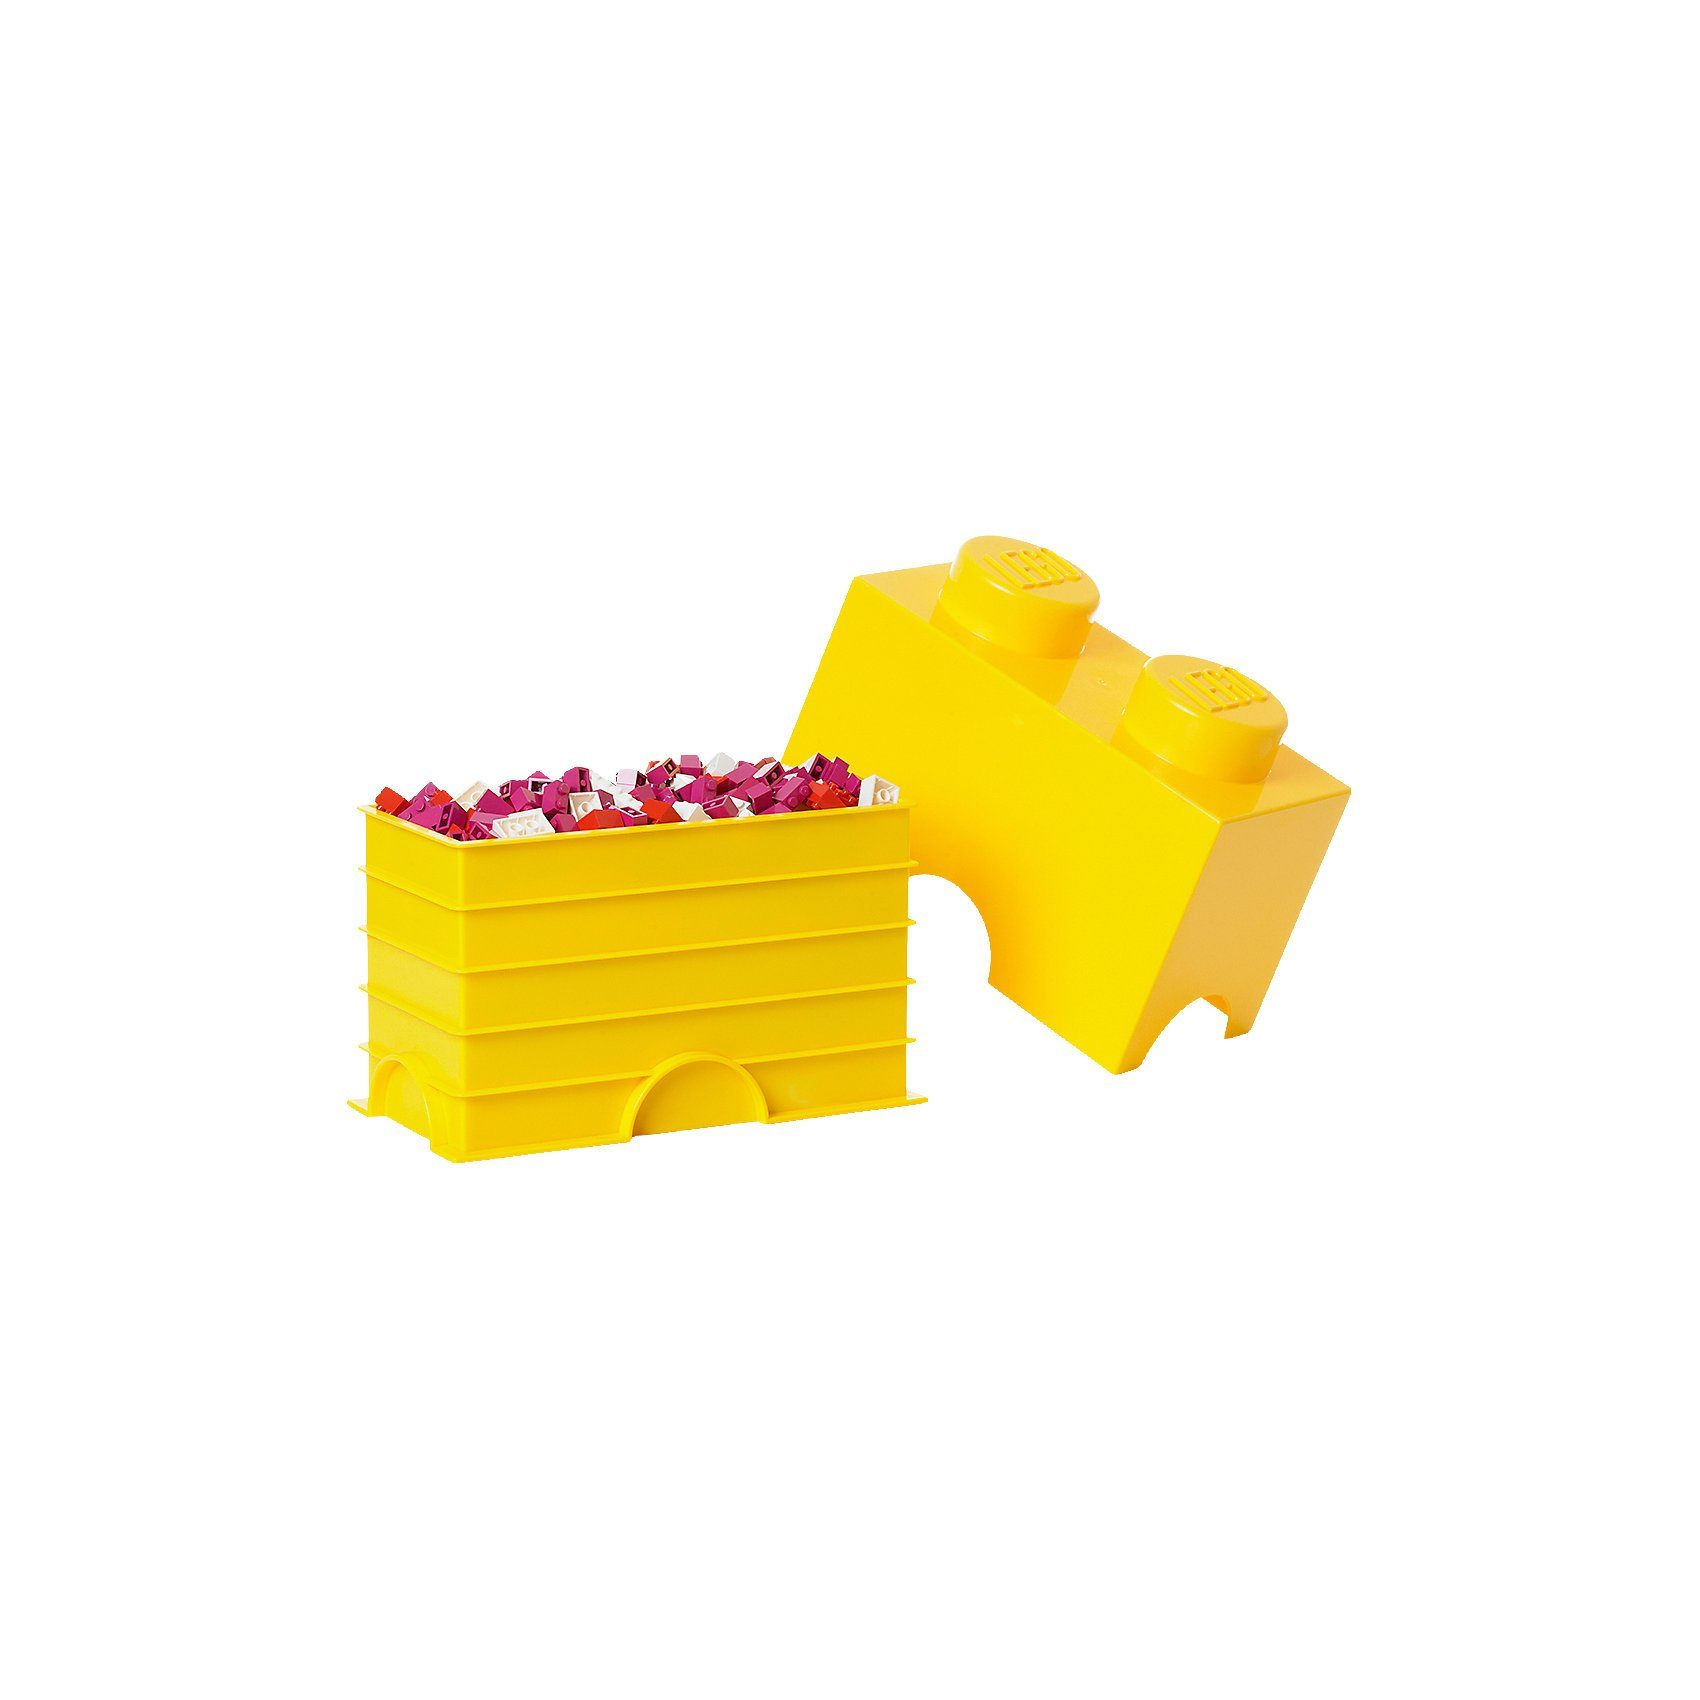 LEGO® Aufbewahrungsdose Storage Brick 2er gelb